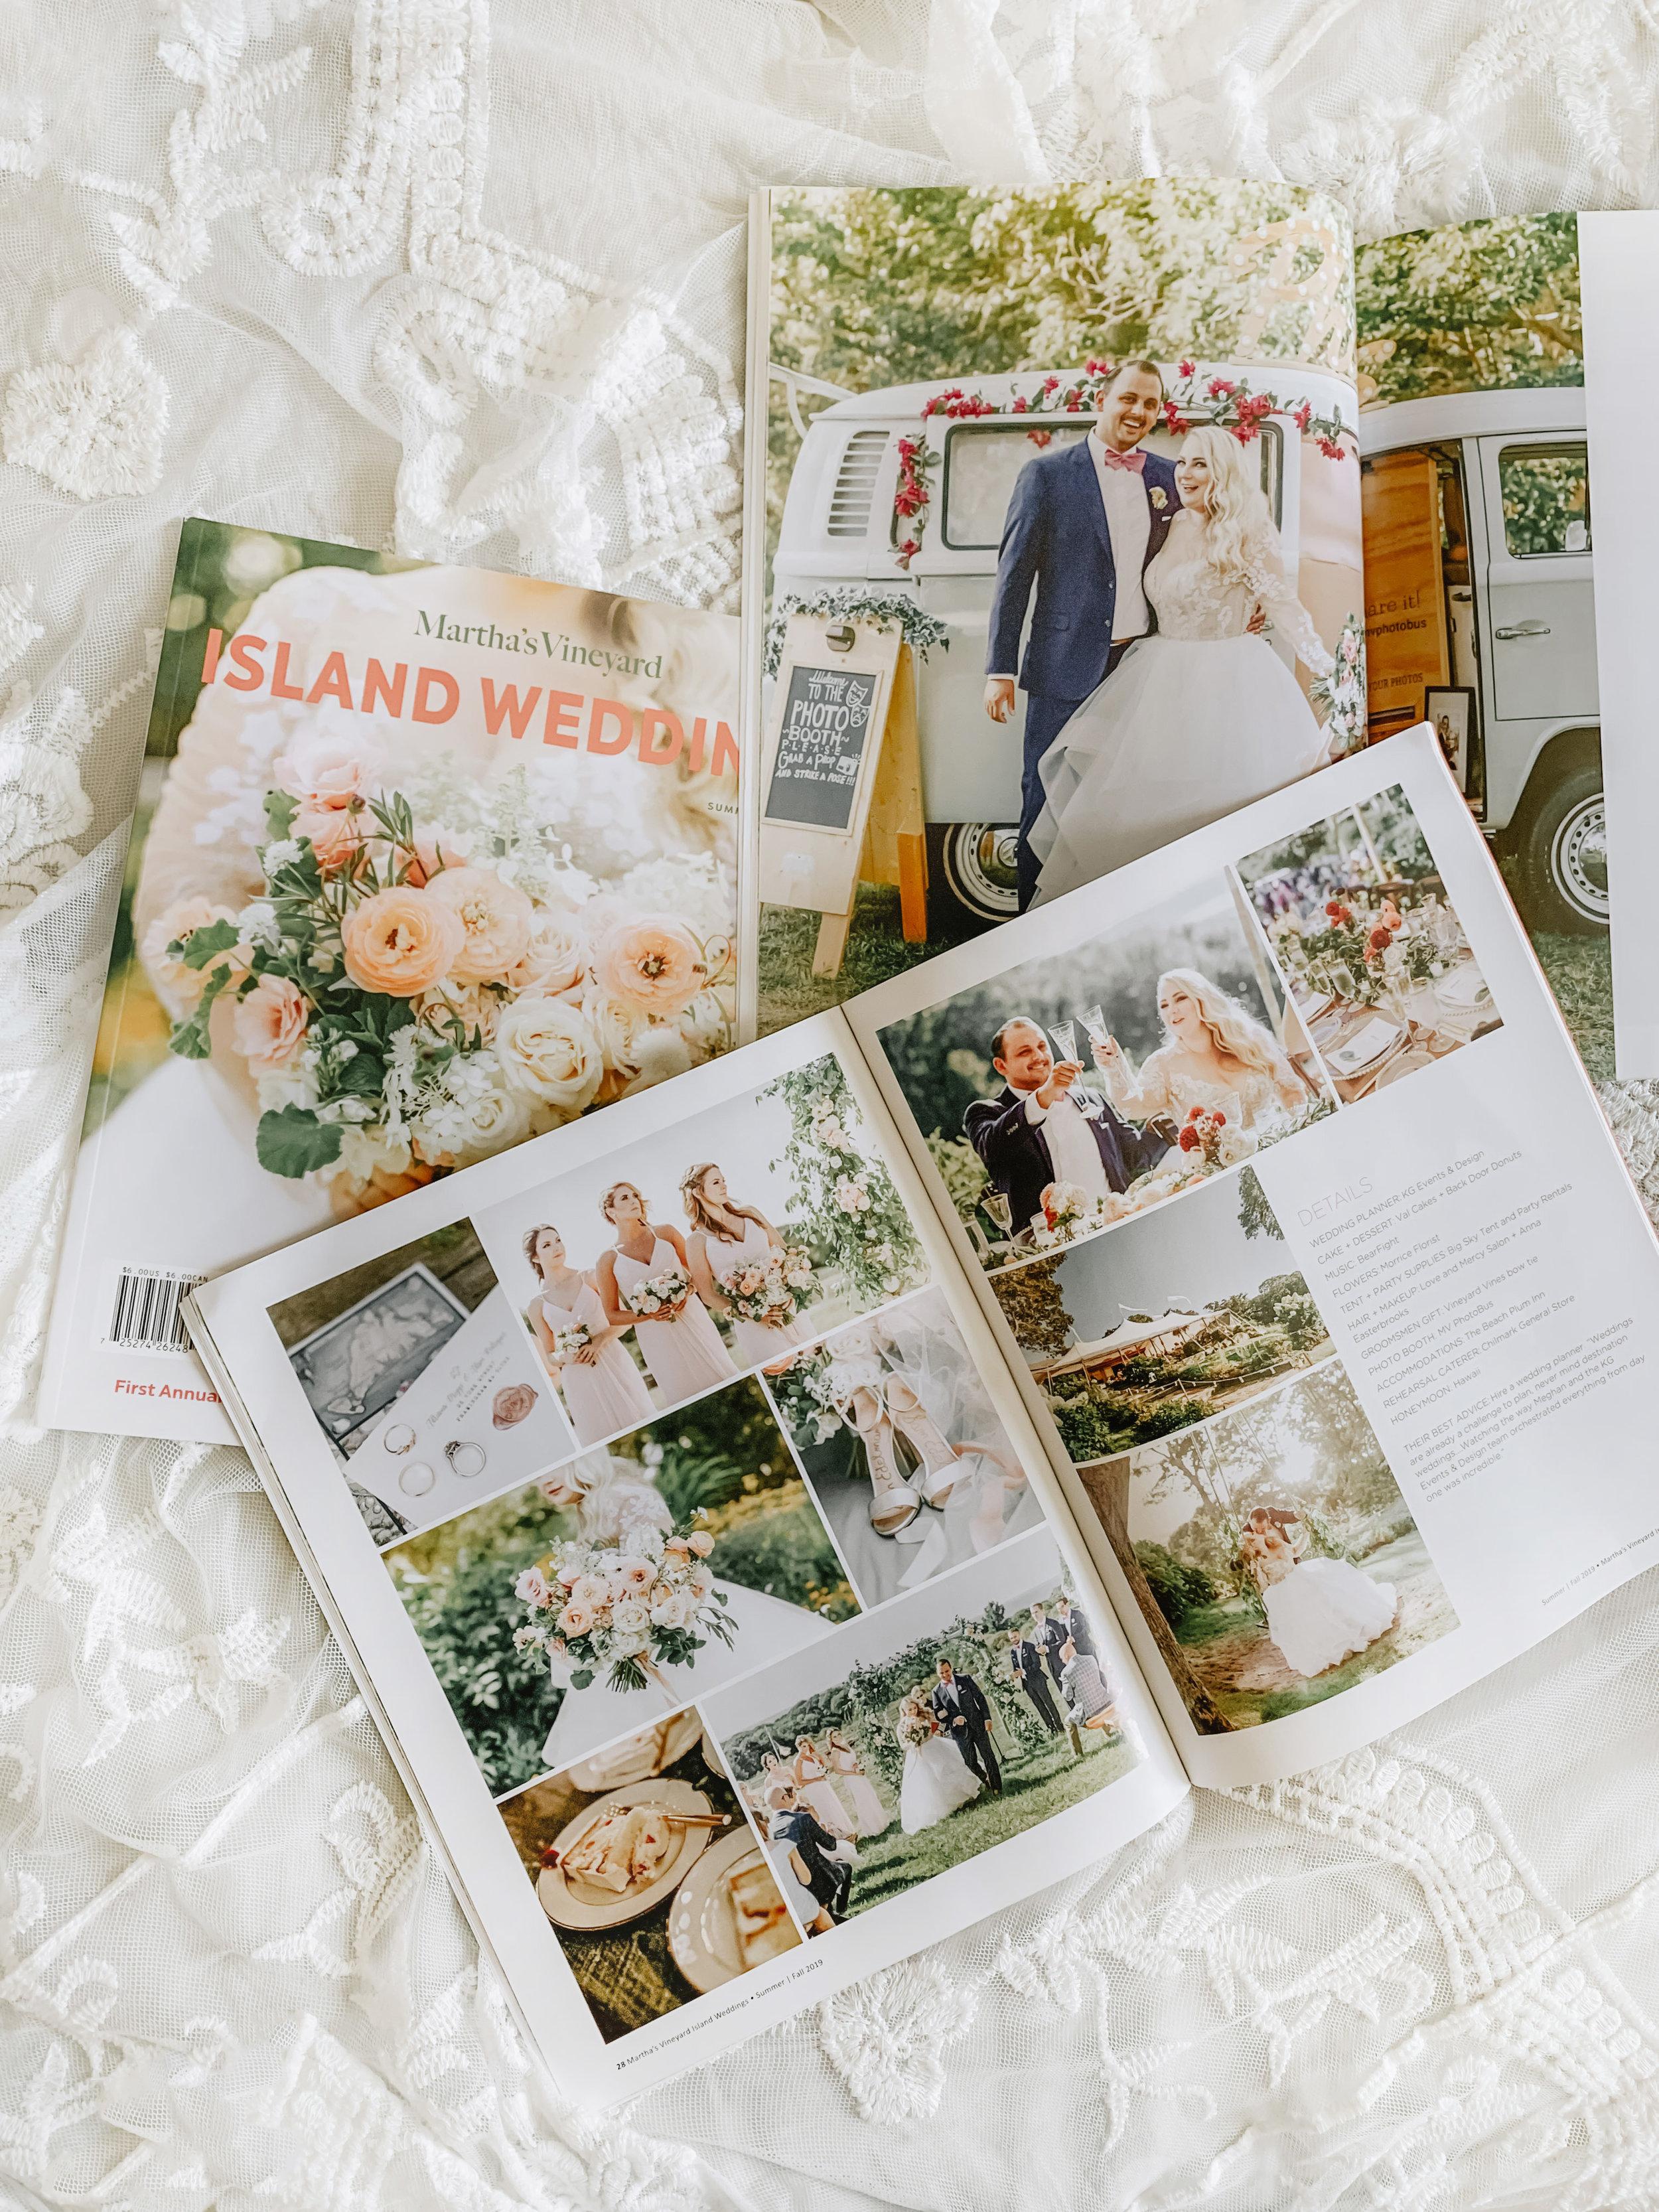 MV-Marthas-Vineyard-Wedding-Magazine-Lena-Mirisola-4.jpg